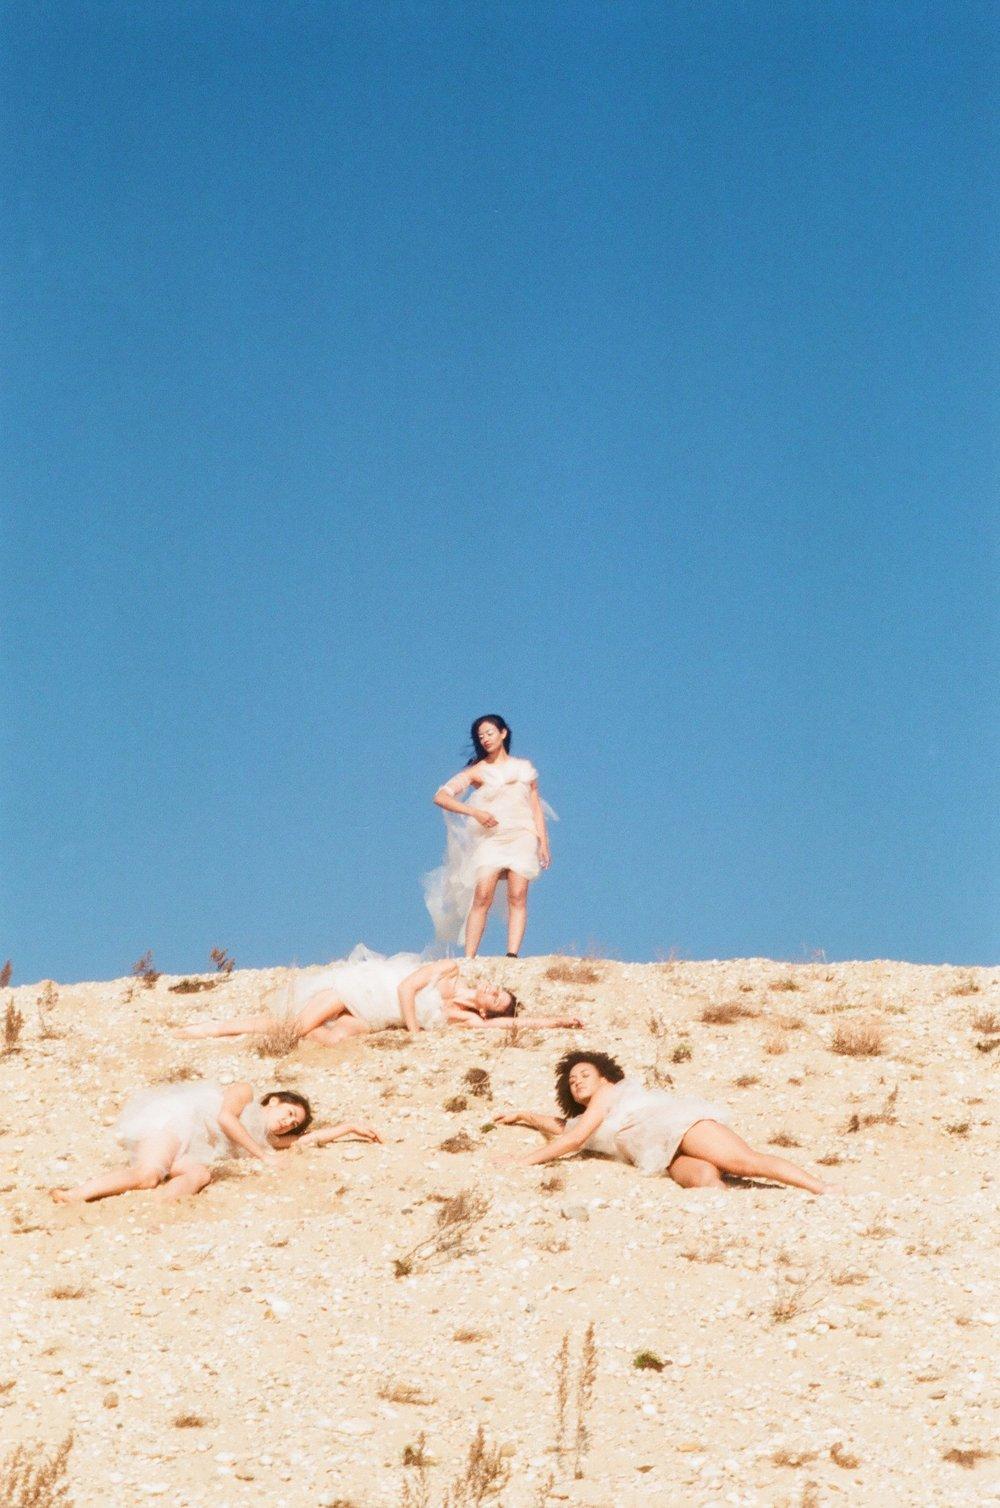 Group_of_women_mountainside.jpg